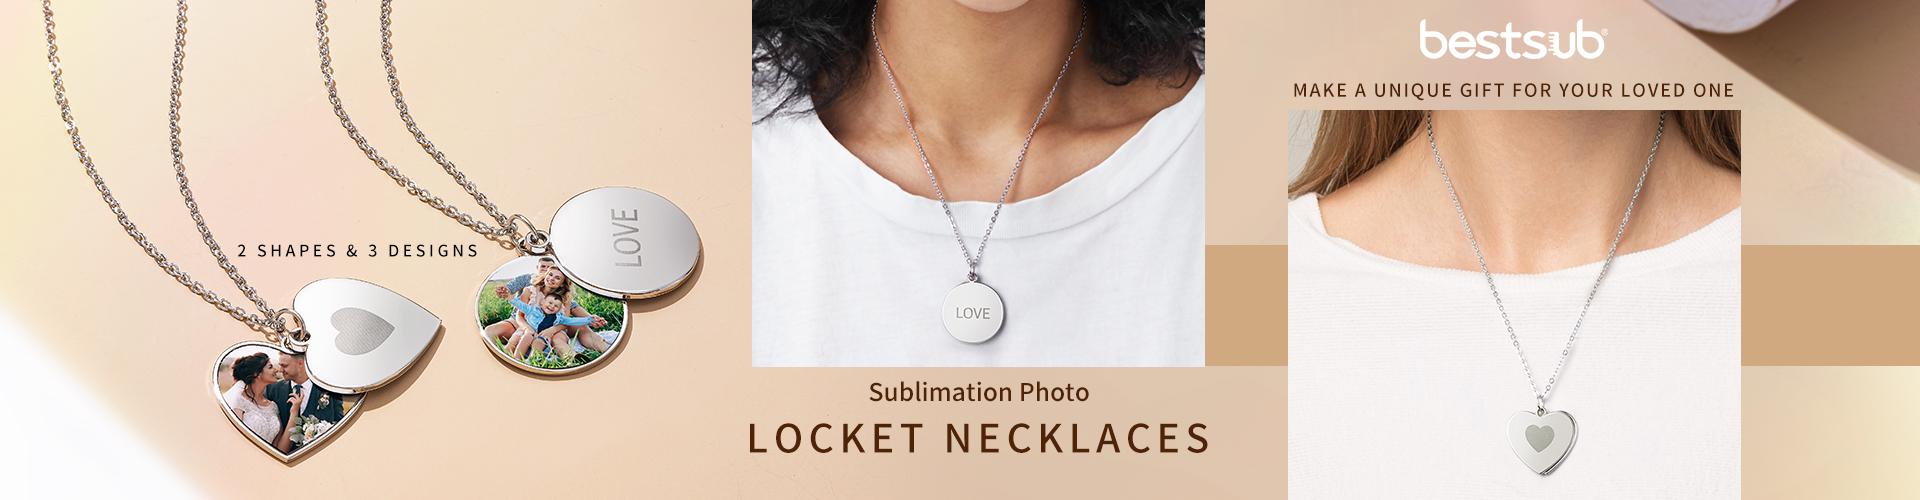 2021-09-08_Sublimation_Photo_Locket_Necklaces_new_web